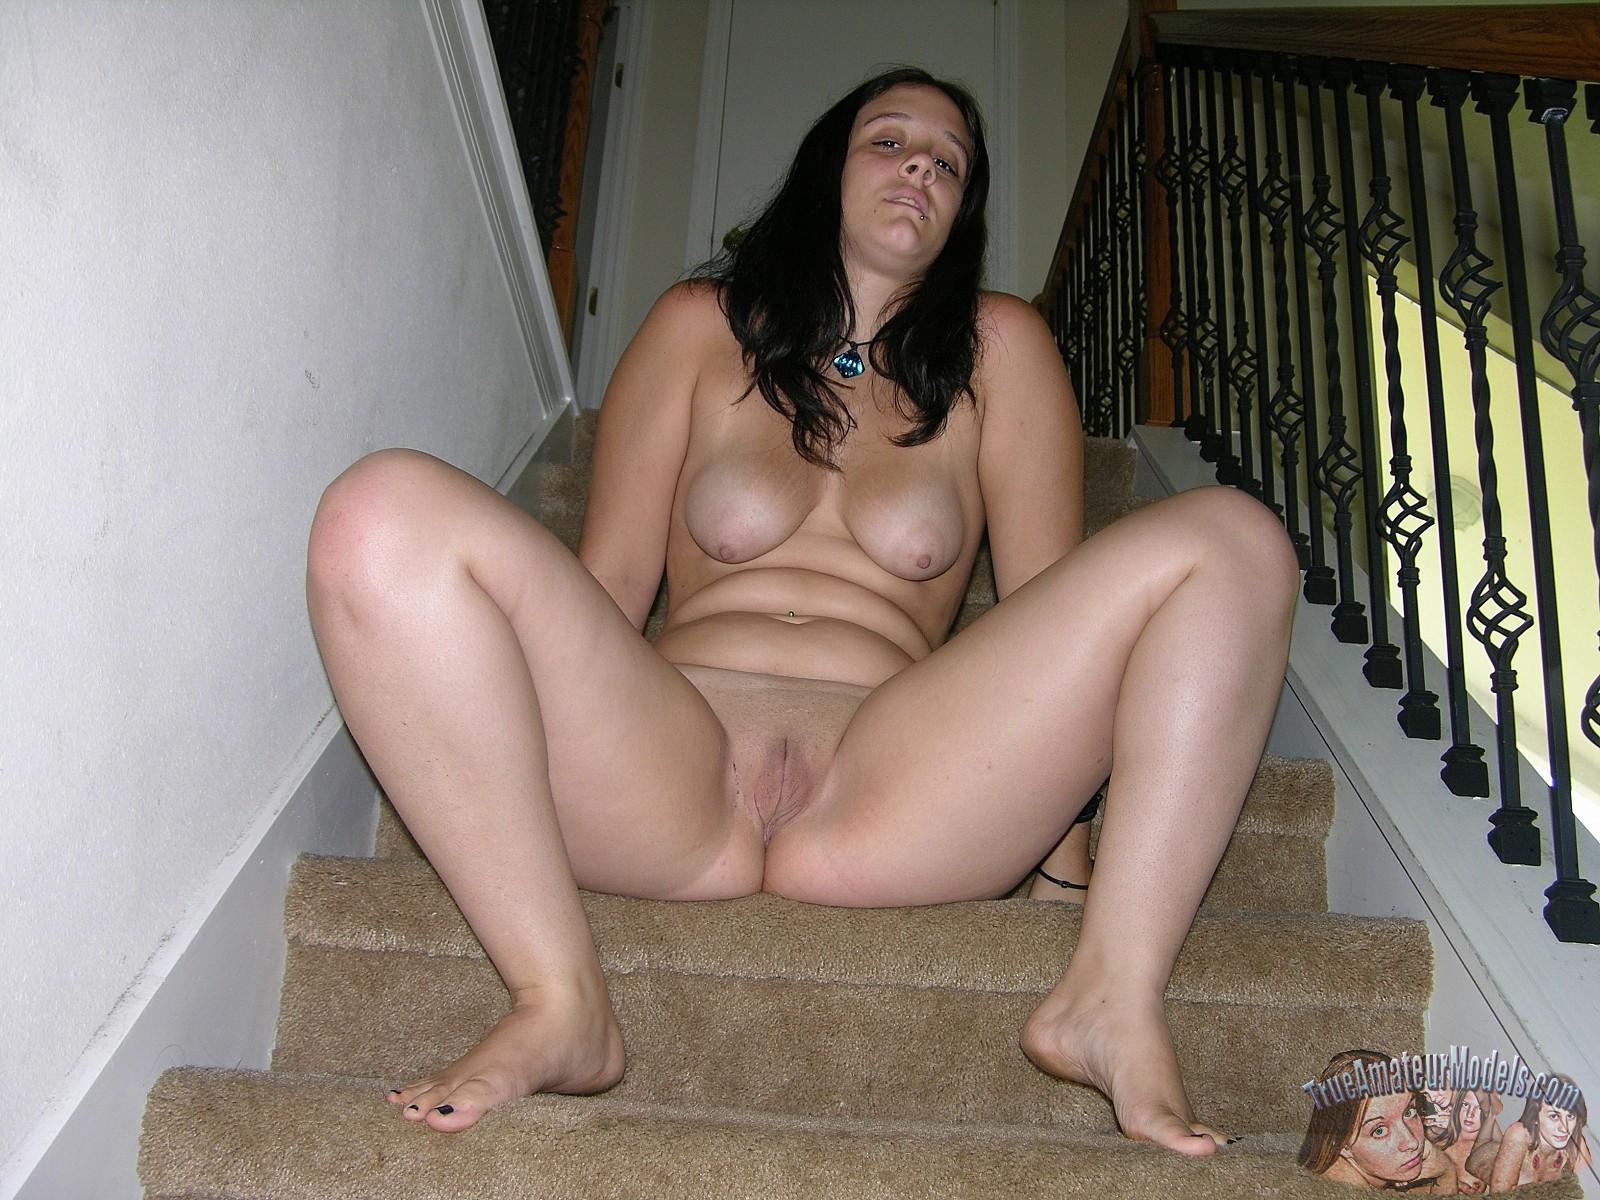 Jayde nicole naked ass